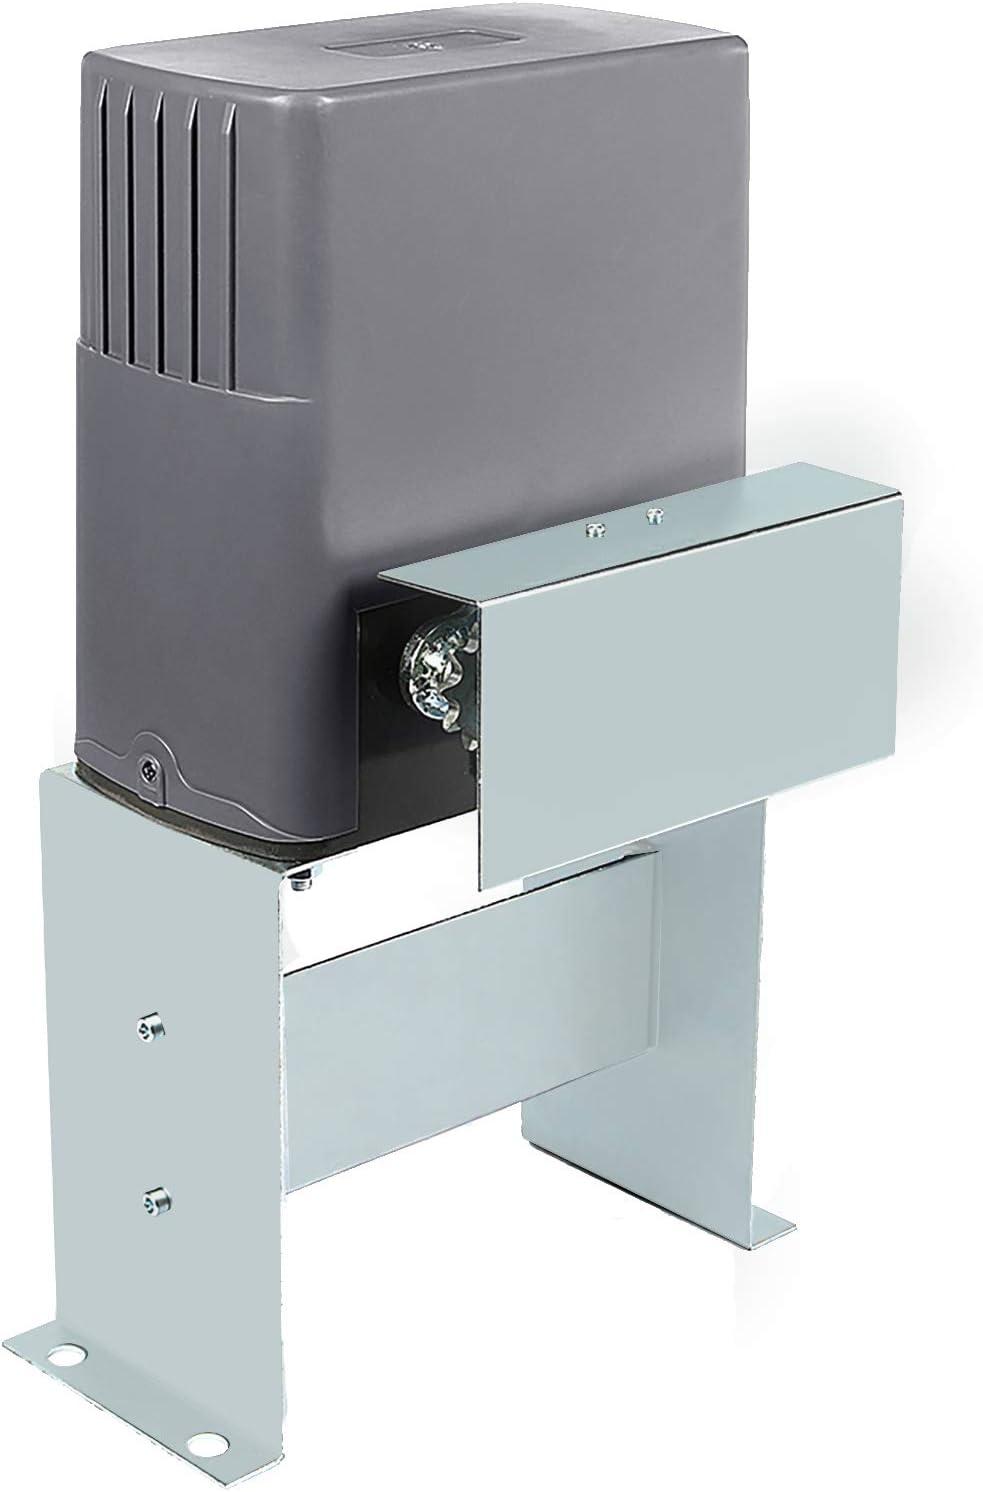 Gioevo 1400LBS - Puerta corredera para abrir puertas correderas, 600 kg, mando a distancia eléctrico de 40 m, puerta corredera, abridor de puerta deslizante (1400LBS): Amazon.es: Bricolaje y herramientas